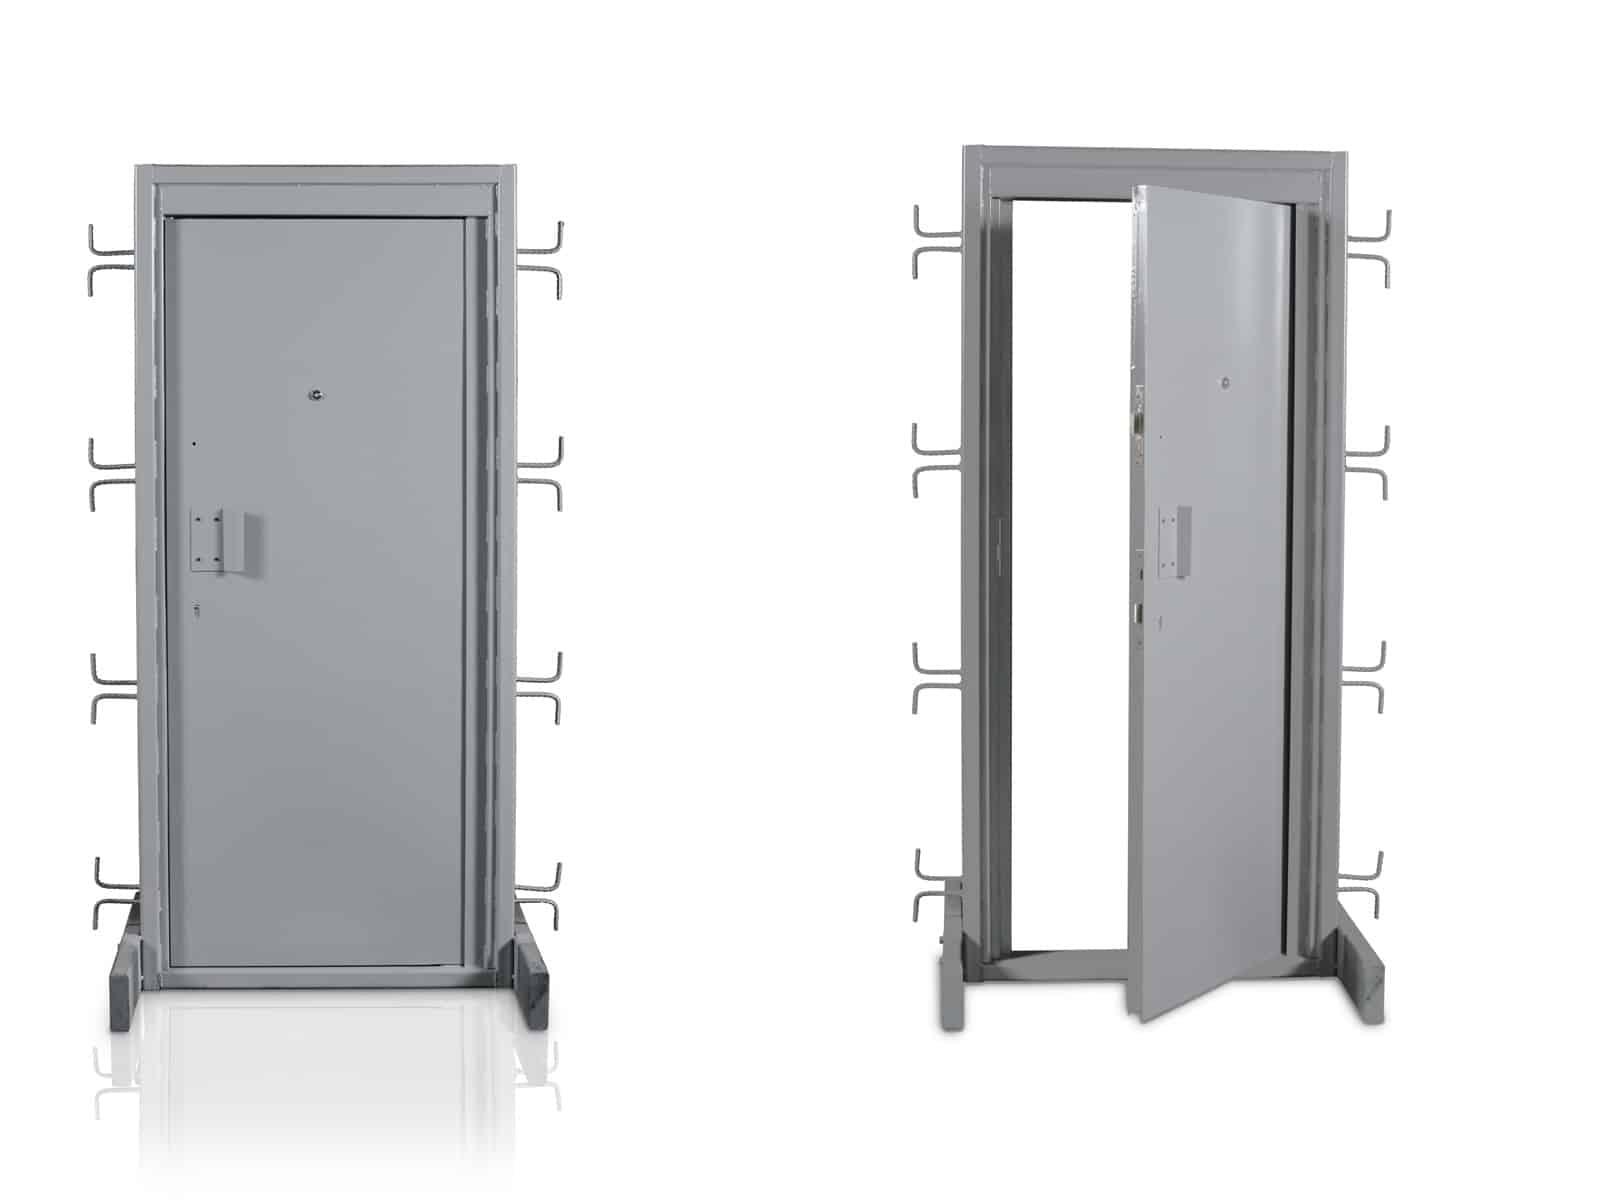 Necesitas puertas de seguridad descubre los materiales - Puertas de piso ...